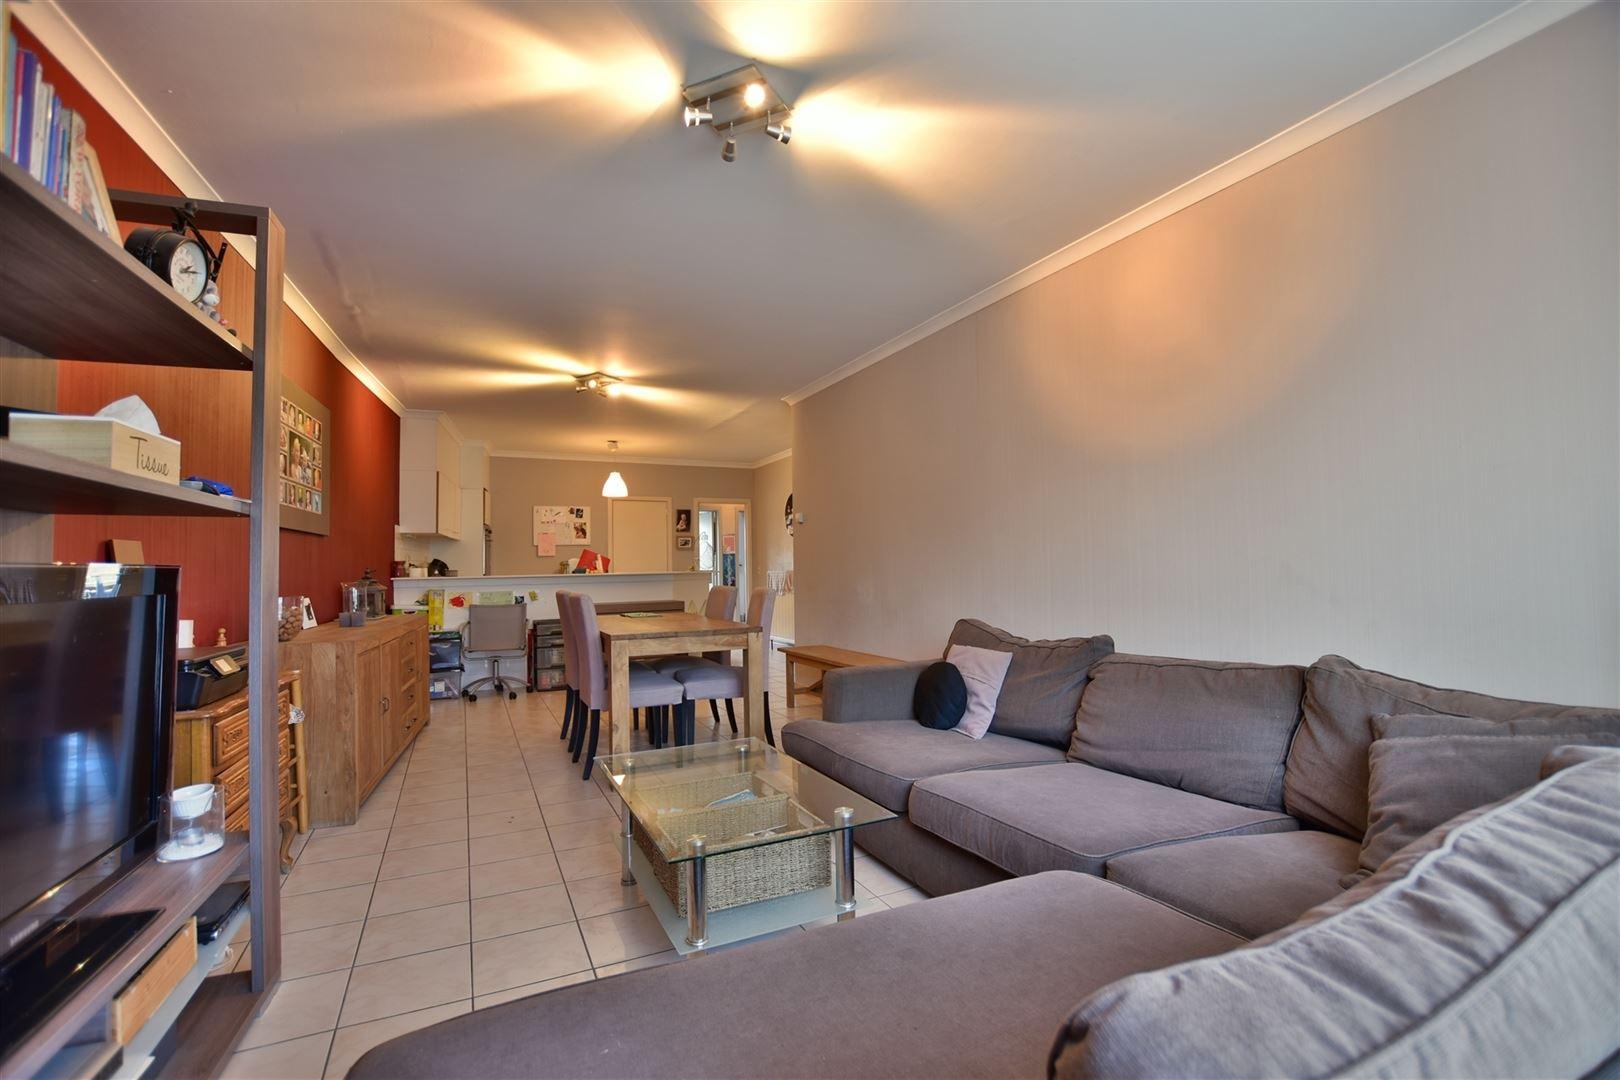 Foto 3 : Appartement te 9200 APPELS (België) - Prijs € 190.000